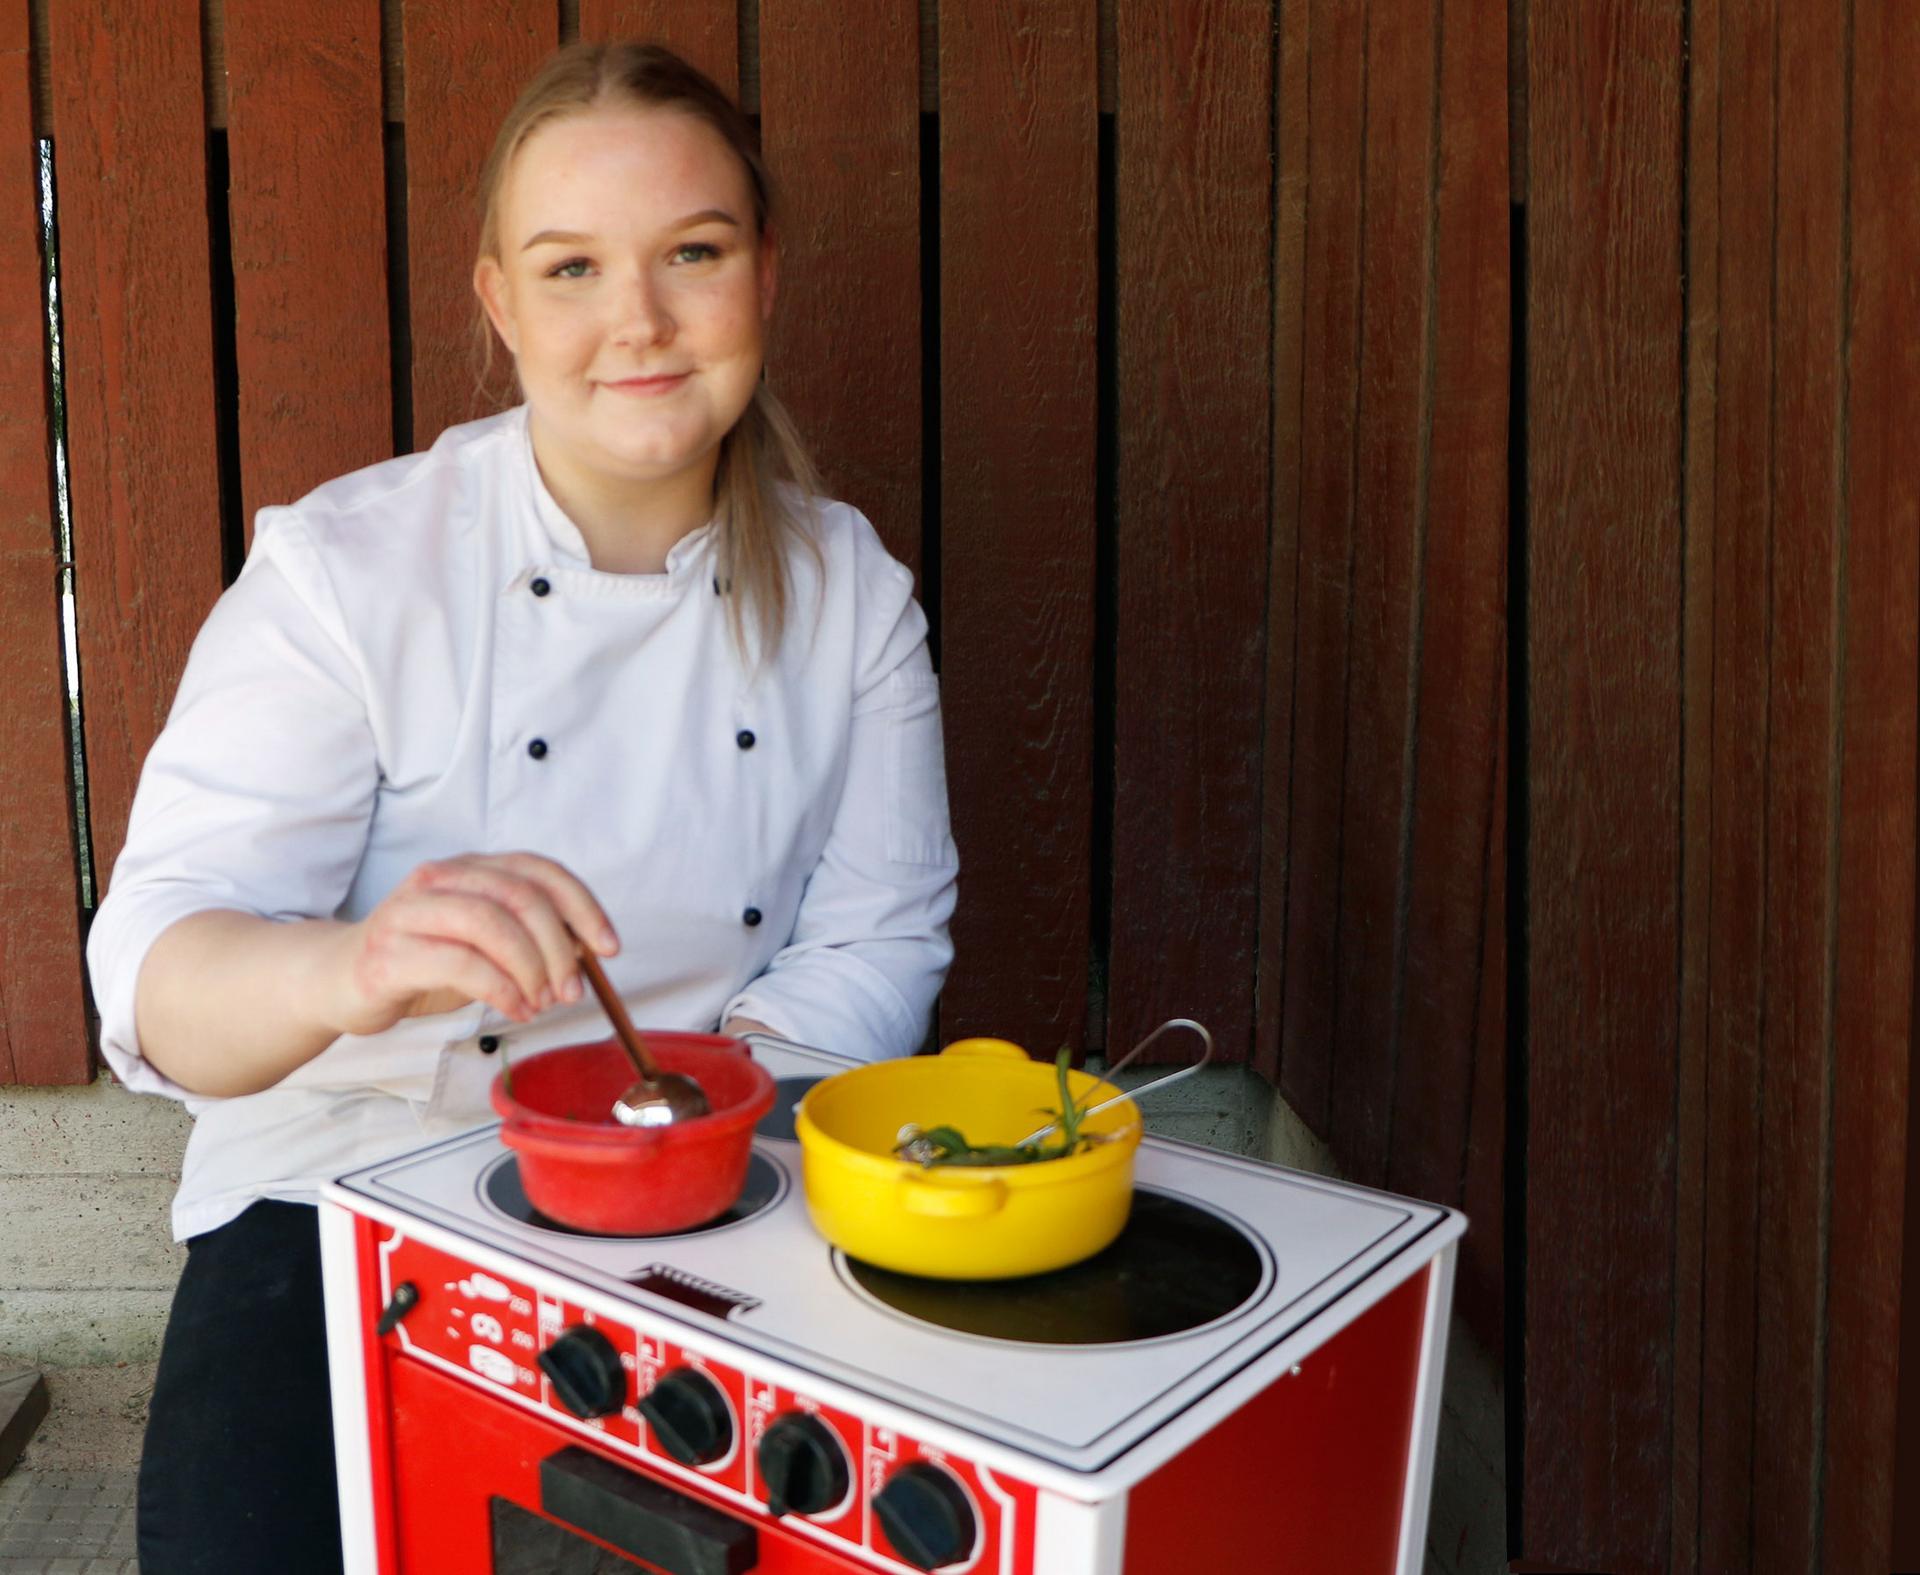 Aino-Kaisa Jutila on pienestä pitäen ollut kiinnostunut ruuanlaitosta. – Kokkaaminen on mielekkäämpää kuin leipominen, jossa onnistuakseen pitää ohjeita noudattaa pikkutarkasti.